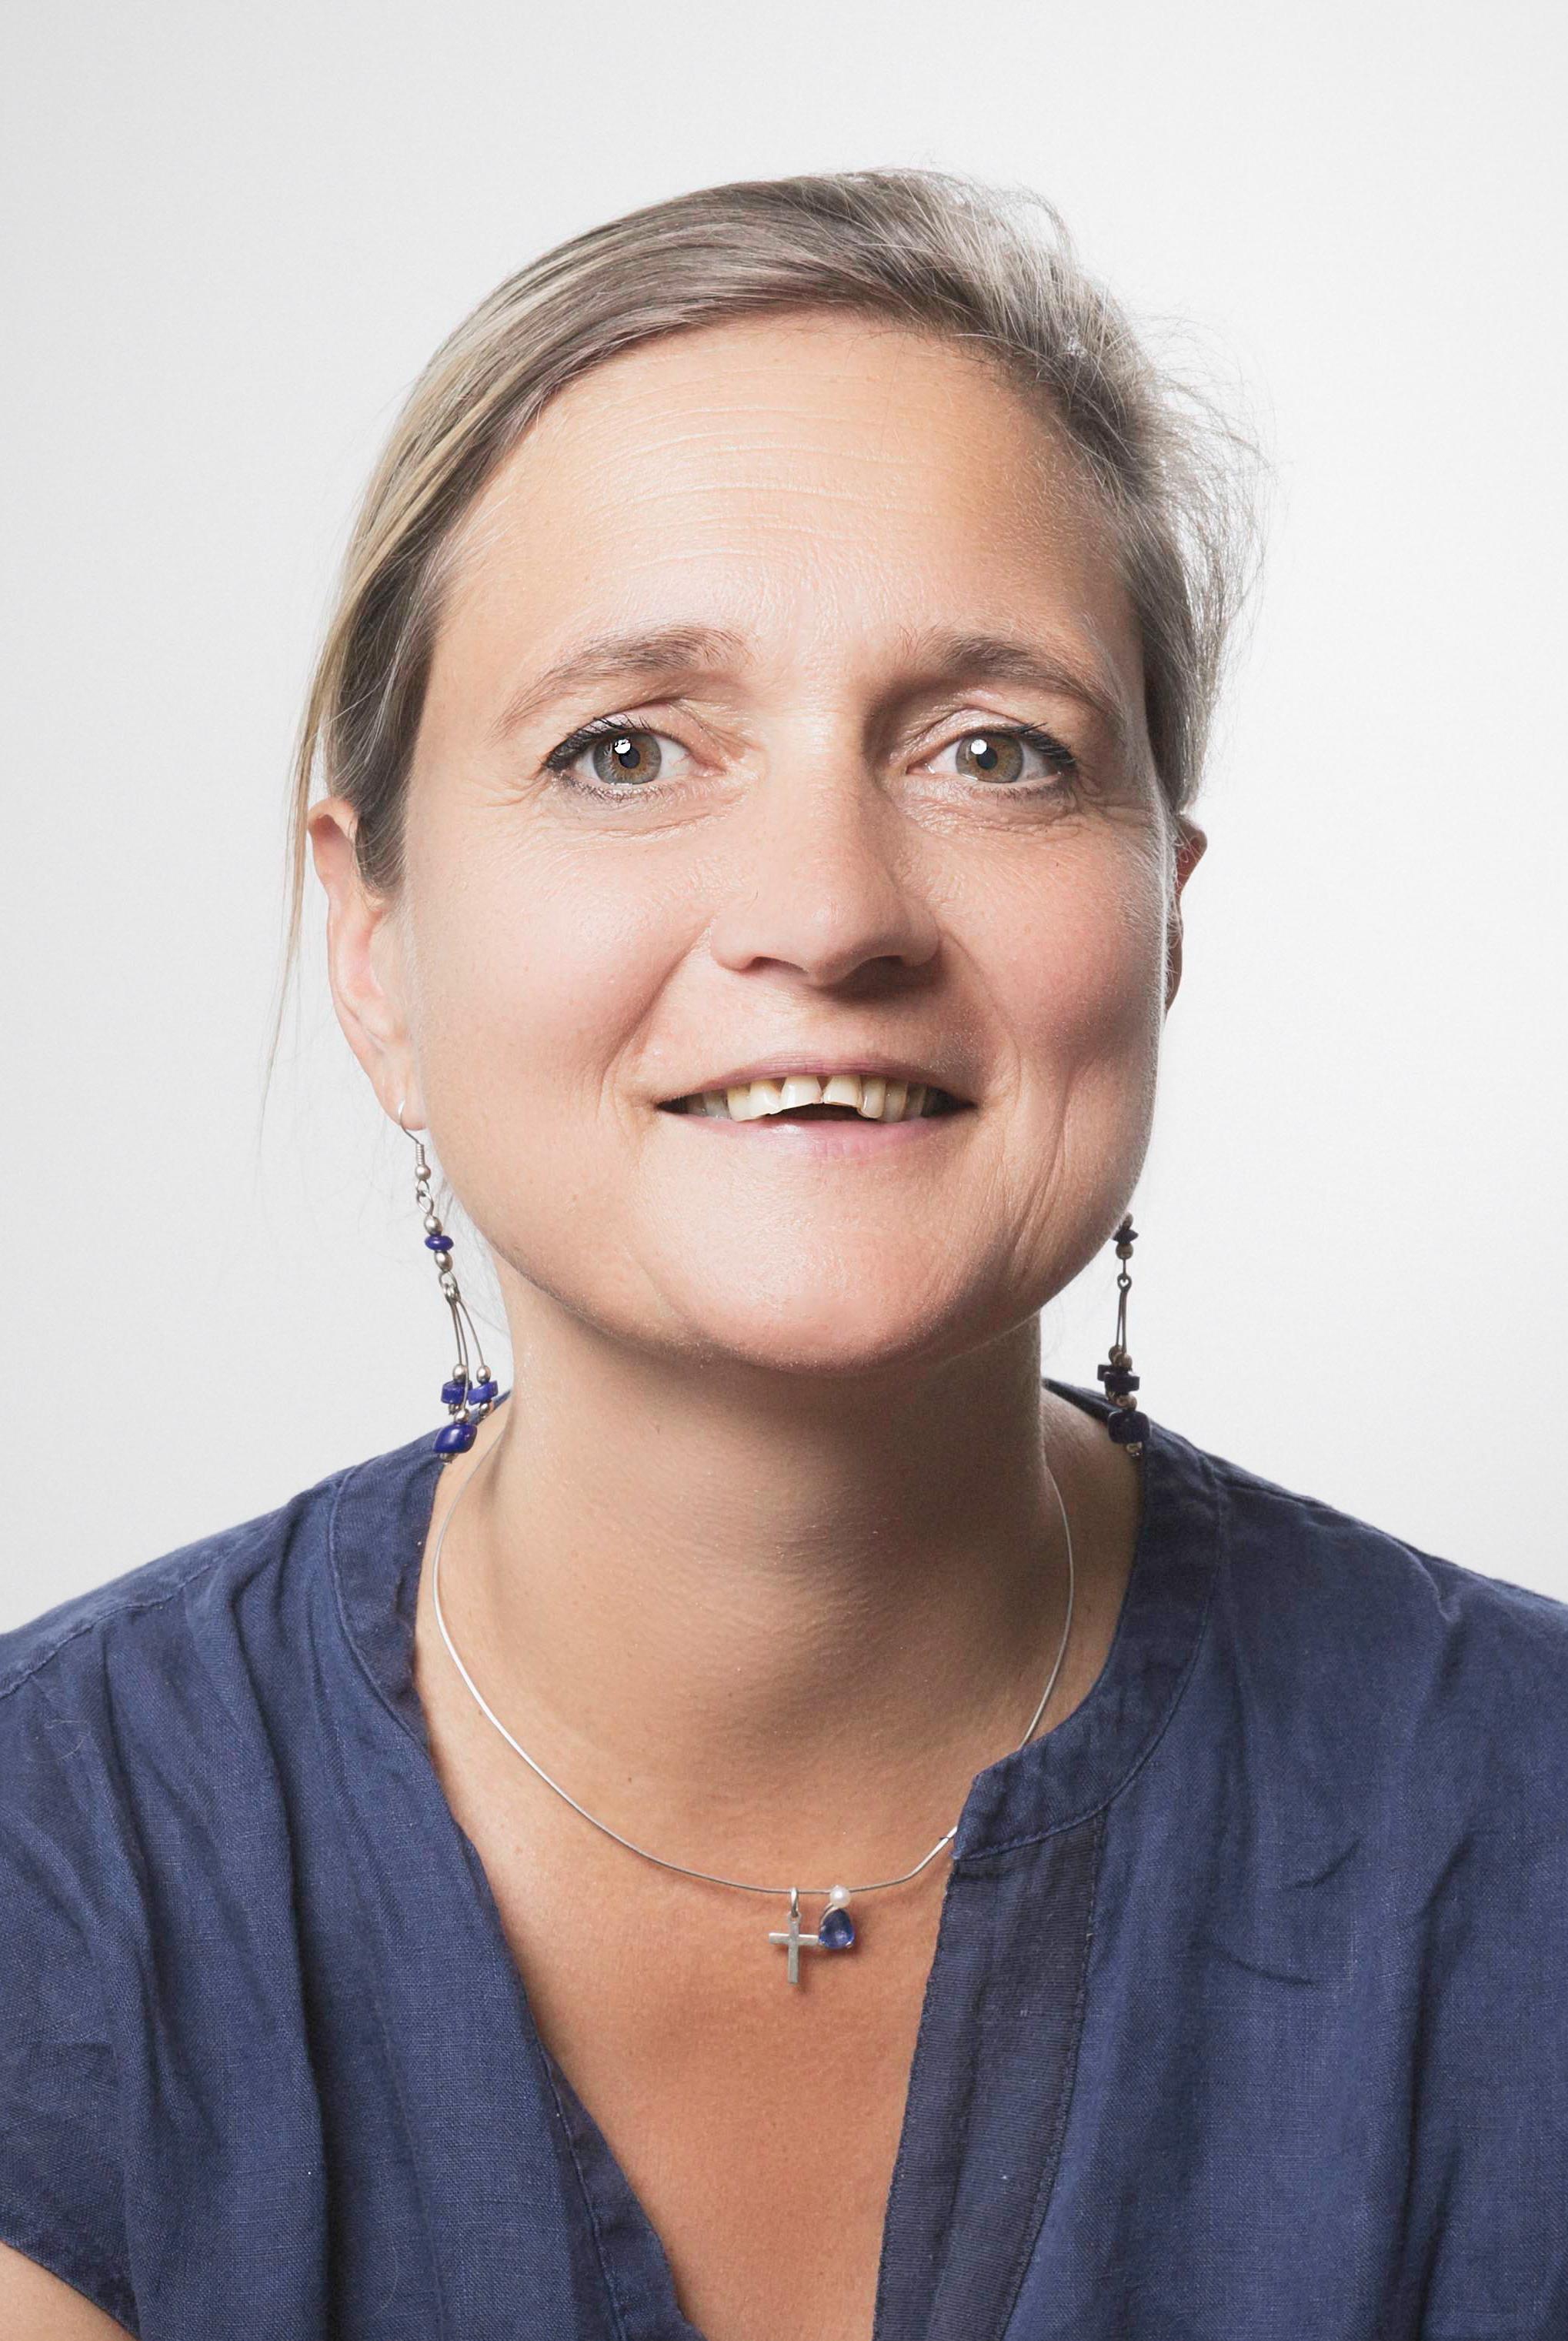 Photo de profil de Beatrice Rocher sur izilaw